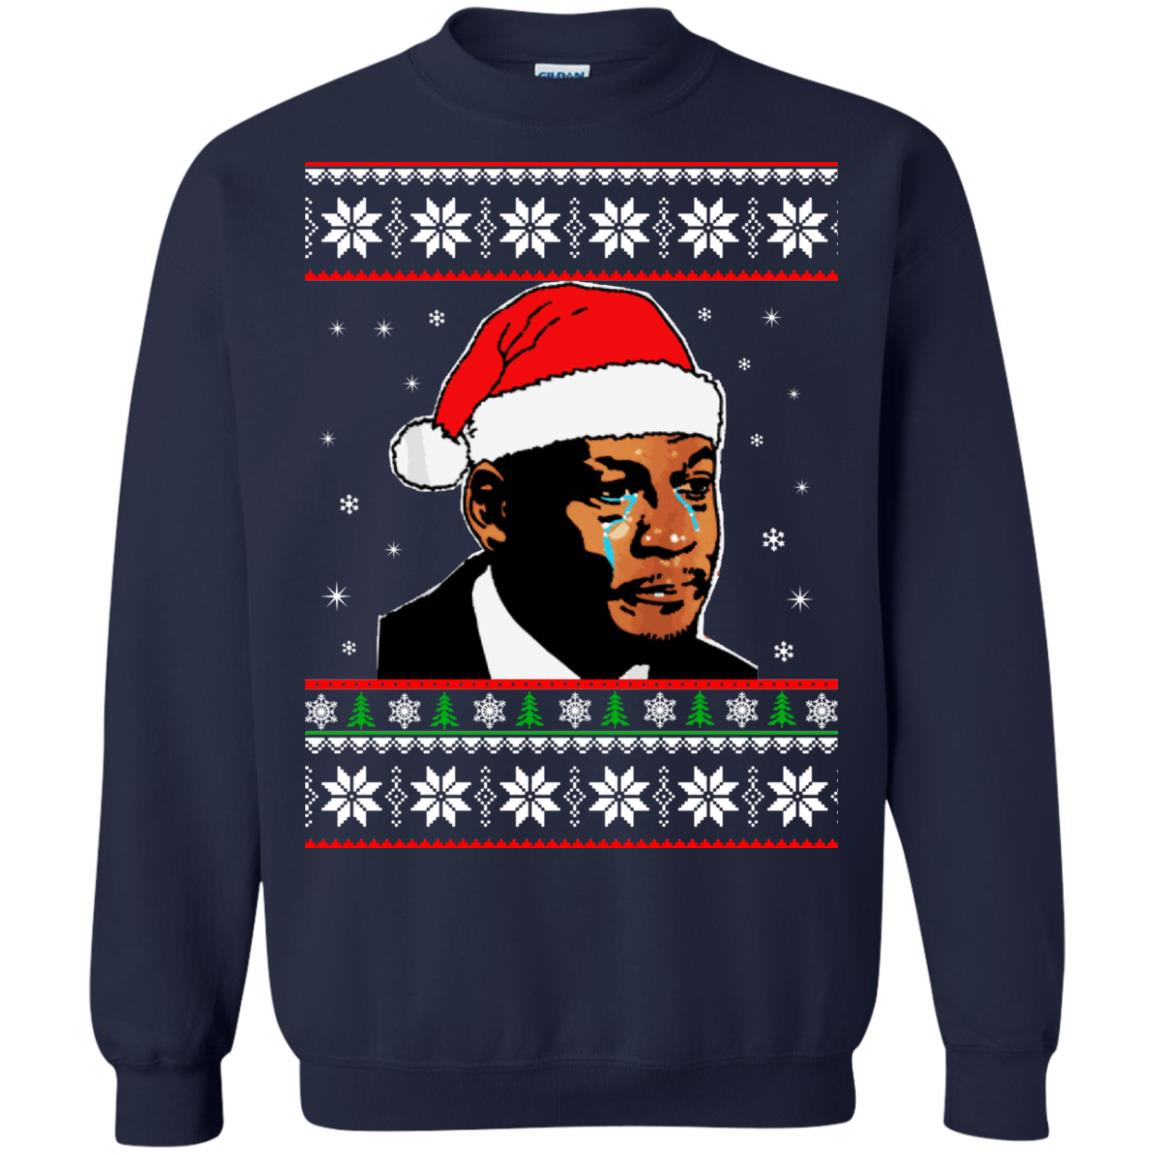 image 2669 - Crying Jordan Christmas Sweater, Christmas Jordan Ugly Sweatshirt